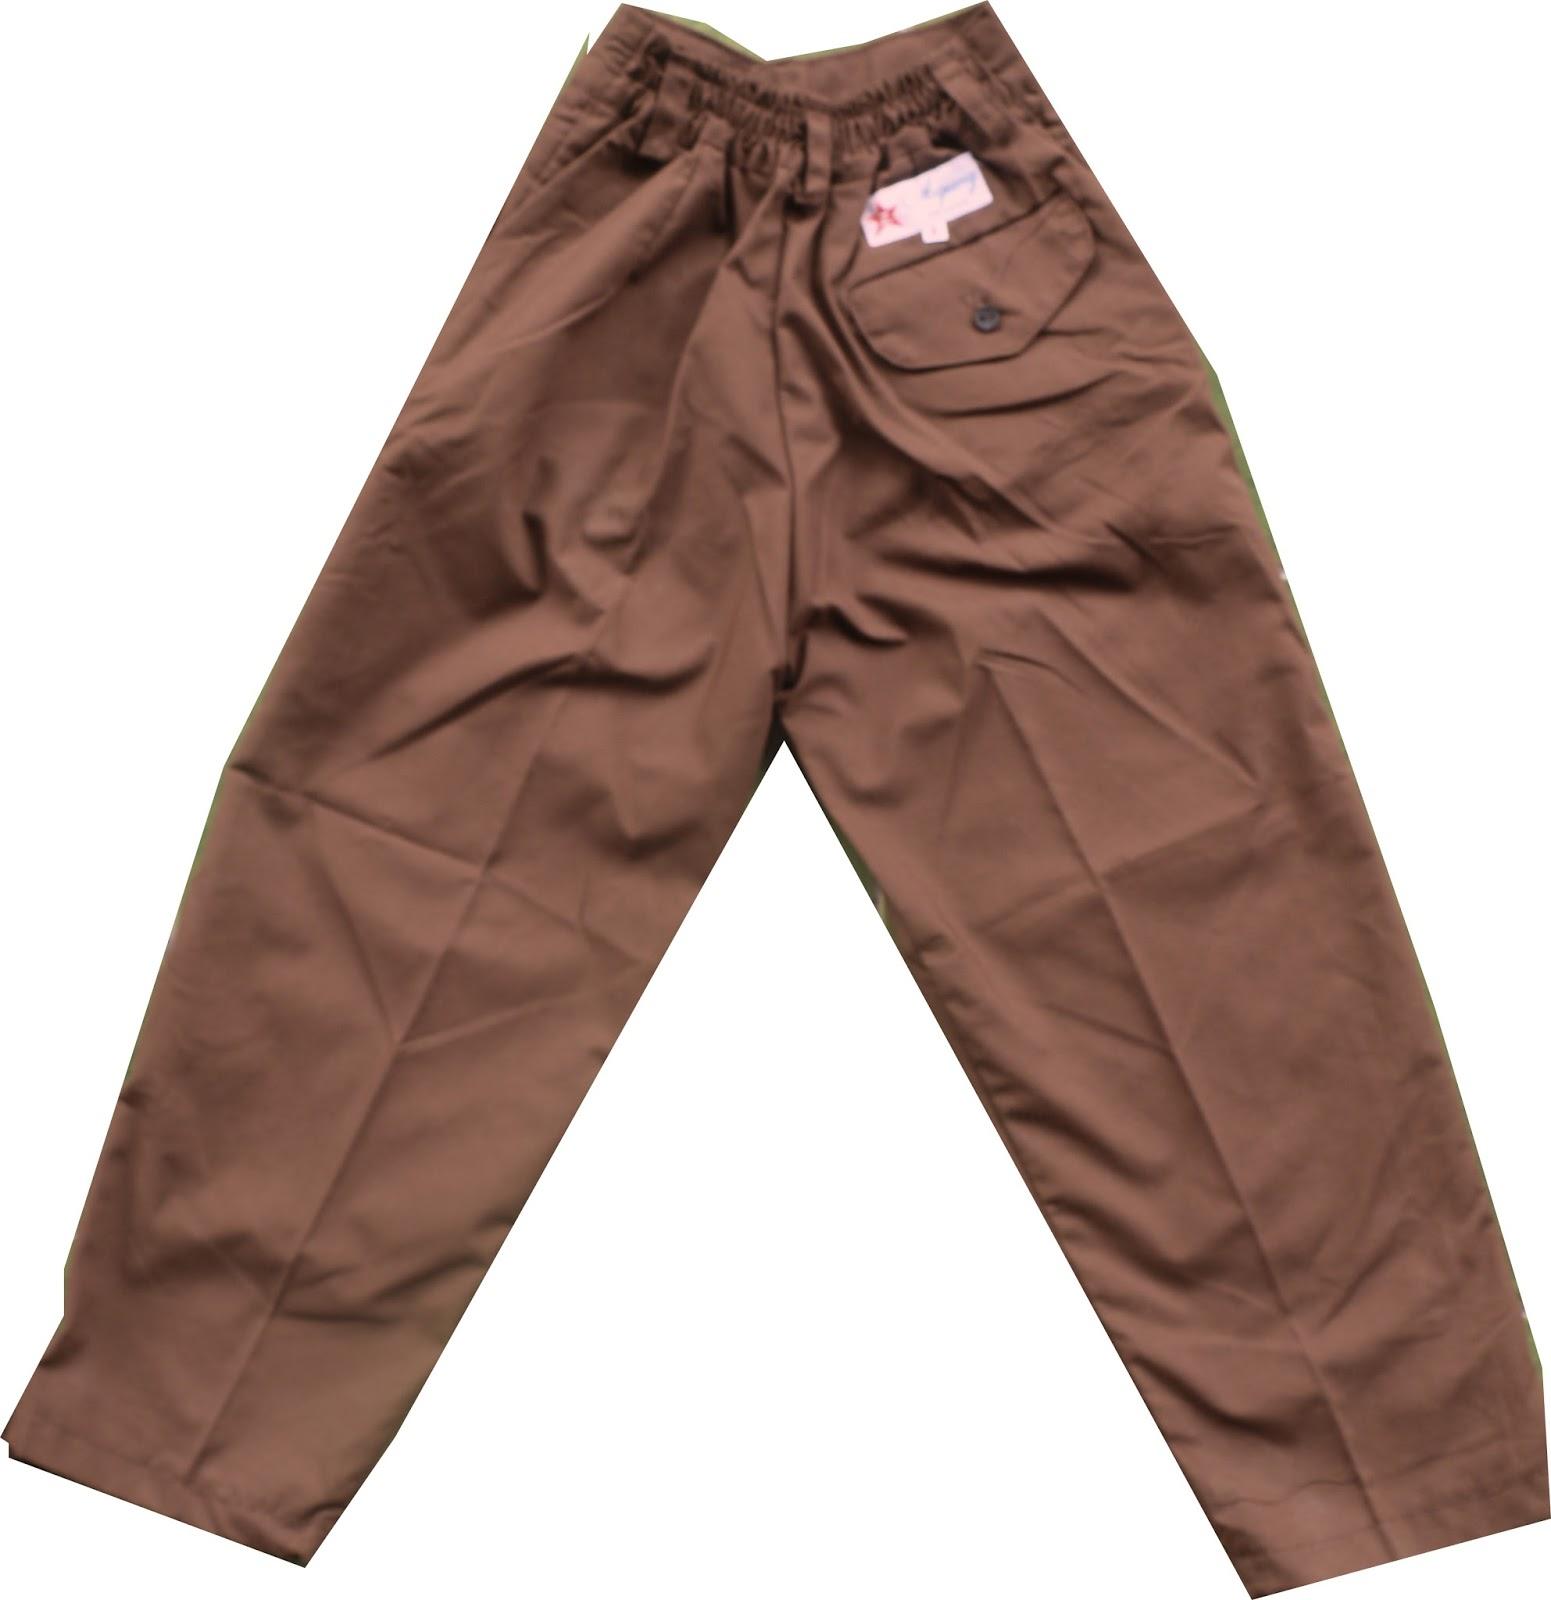 Celana Pramuka Panjang SD uk 8,9